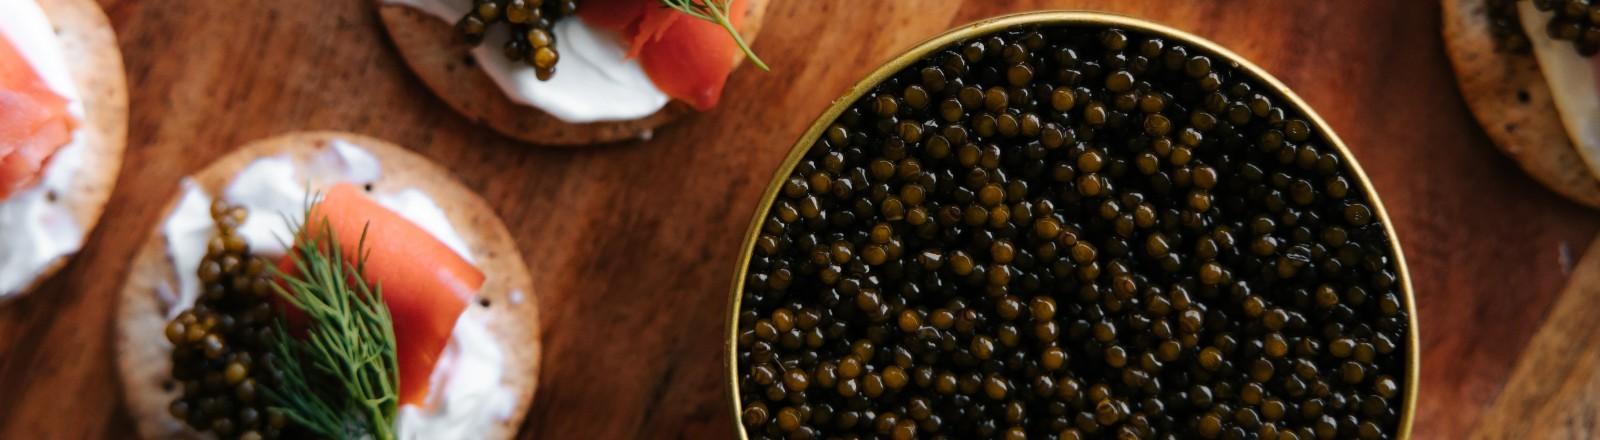 Eine geöffnete Dose Kaviar.